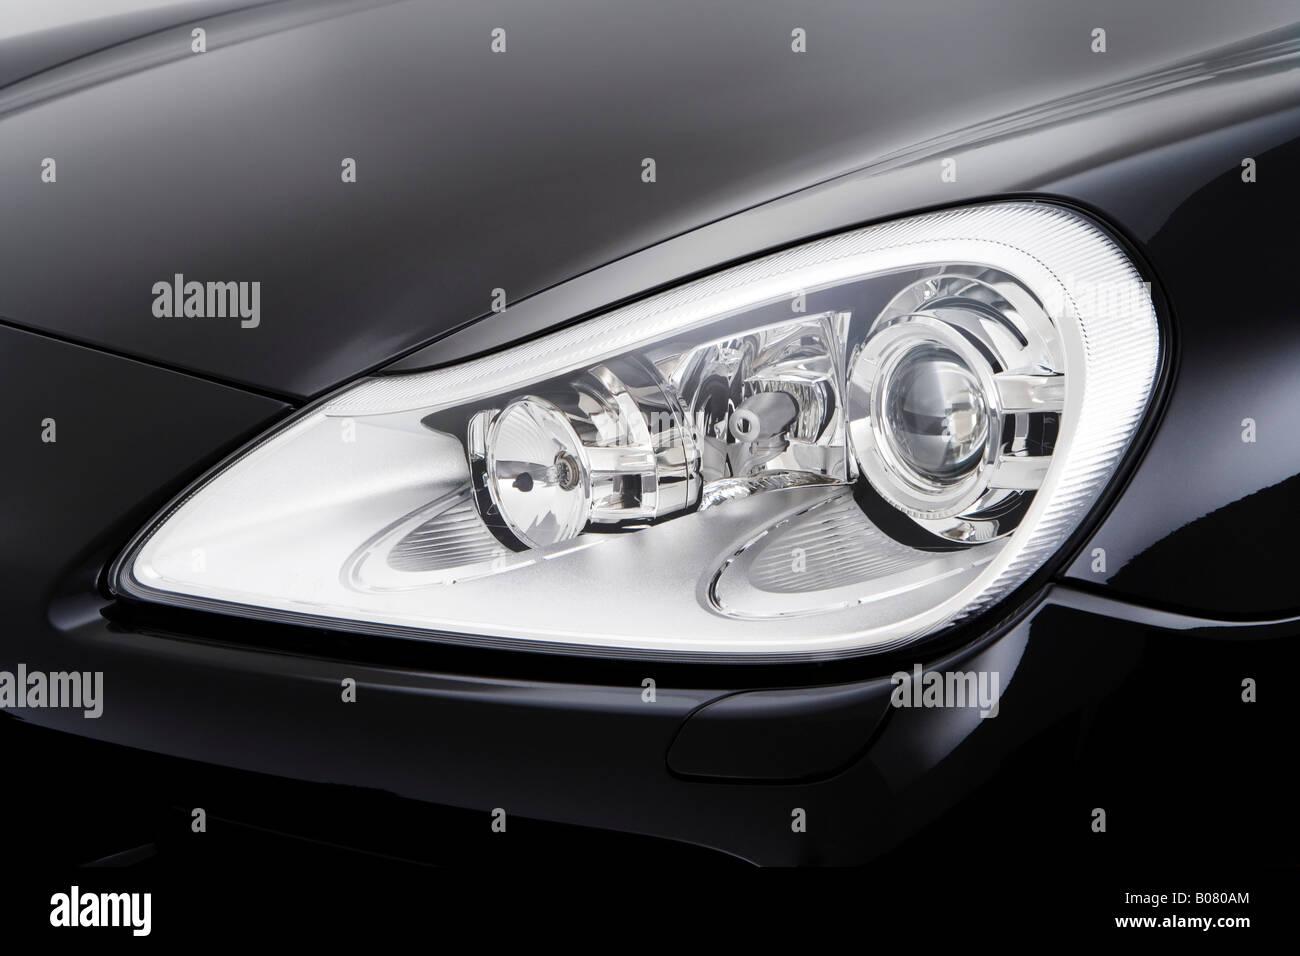 2008 Porsche Cayenne S In Black Headlight Stock Photo